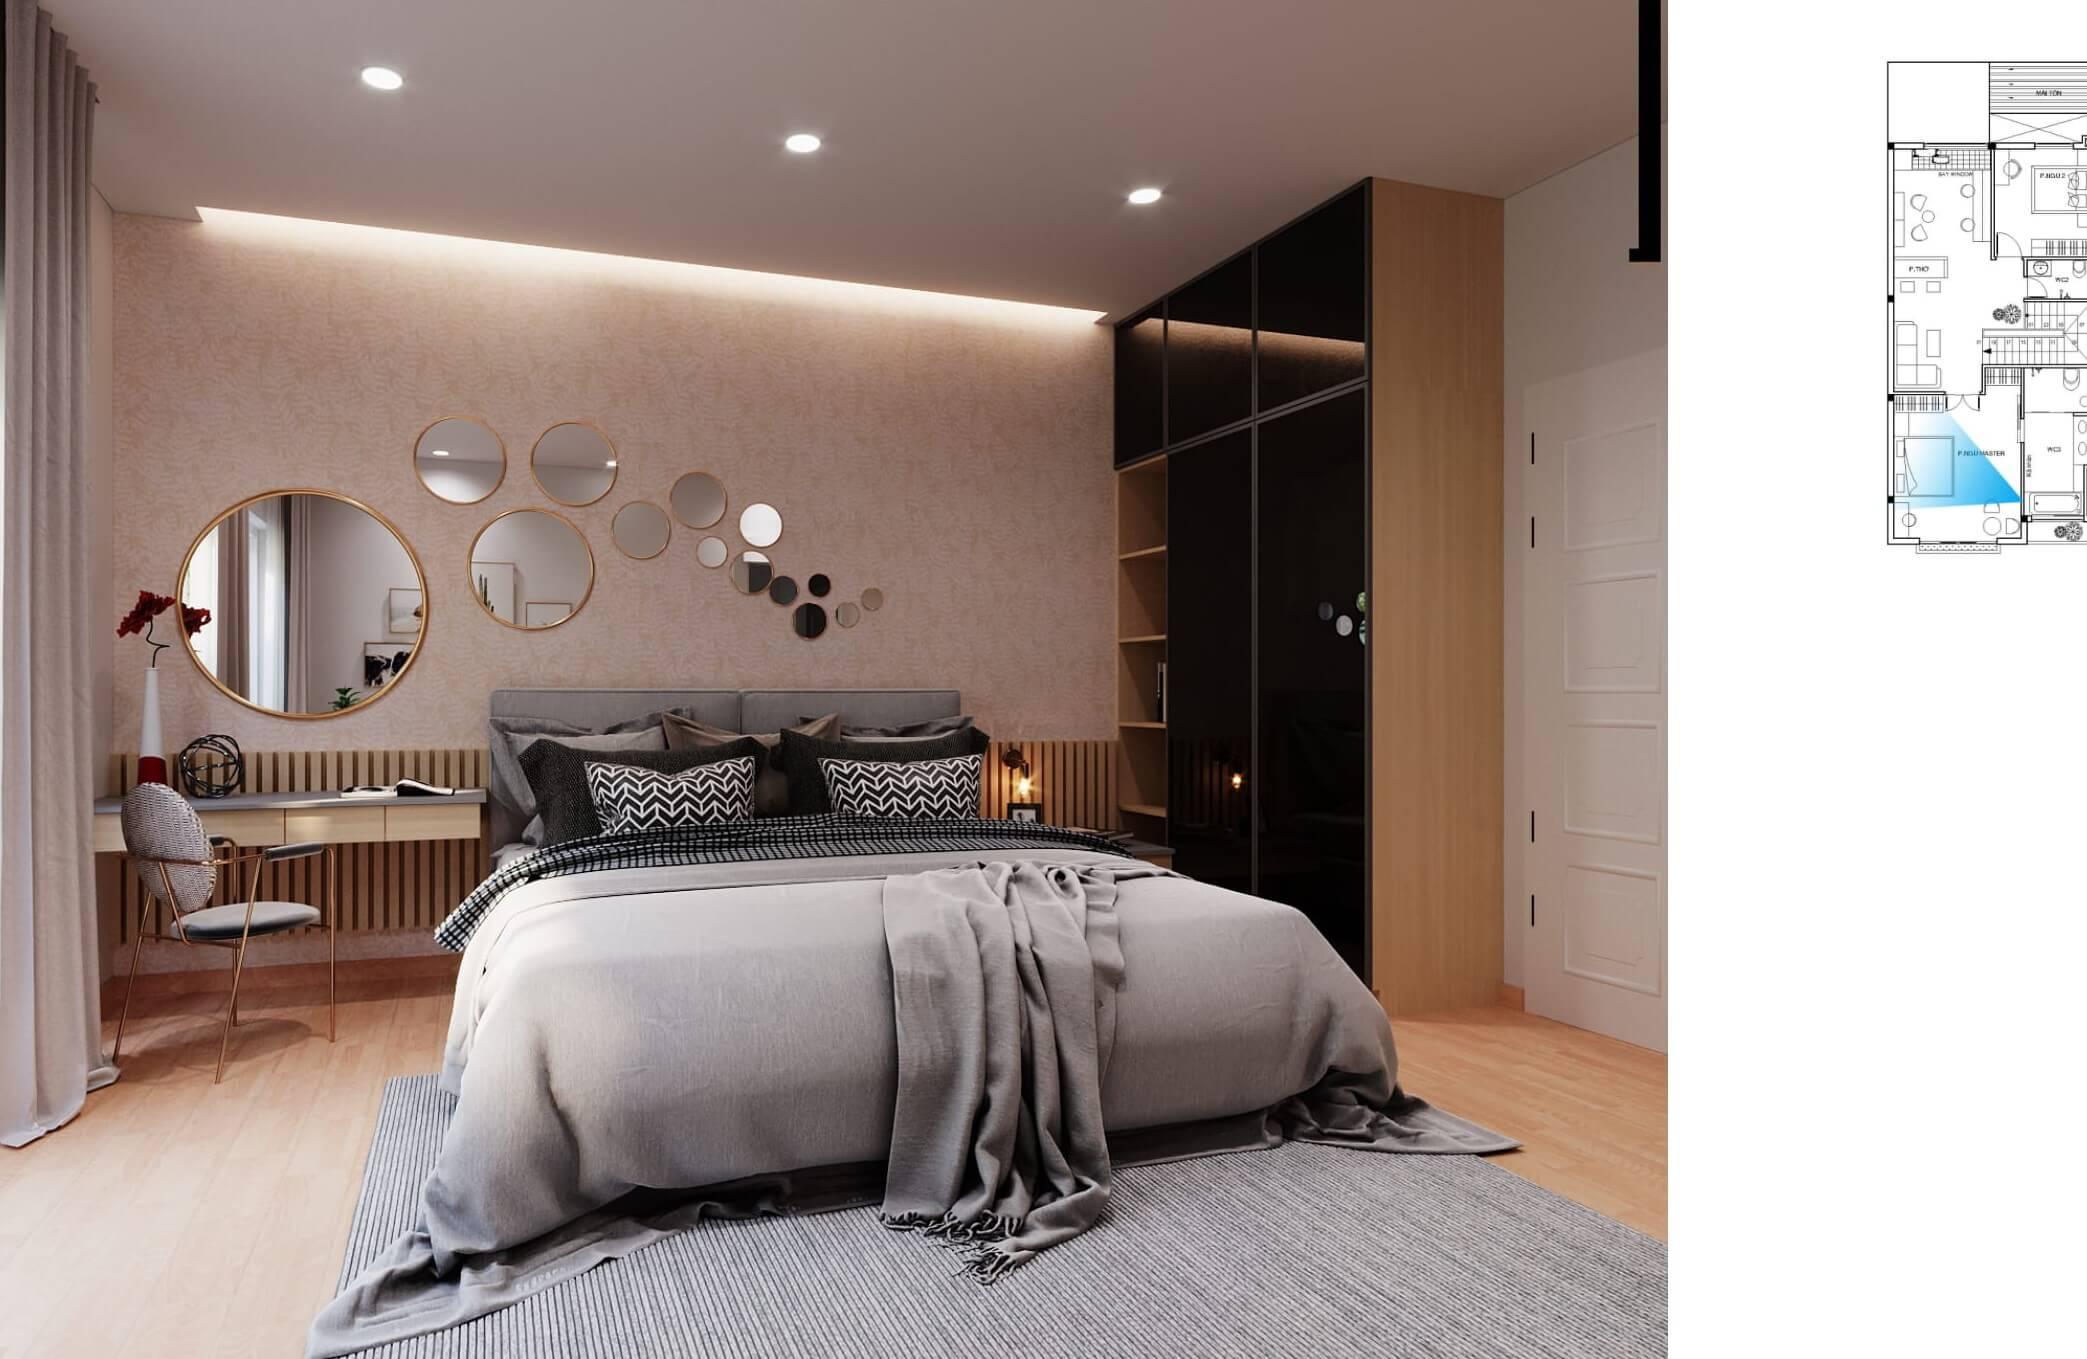 Nội thất phòng ngủ nhà phố hiện đại